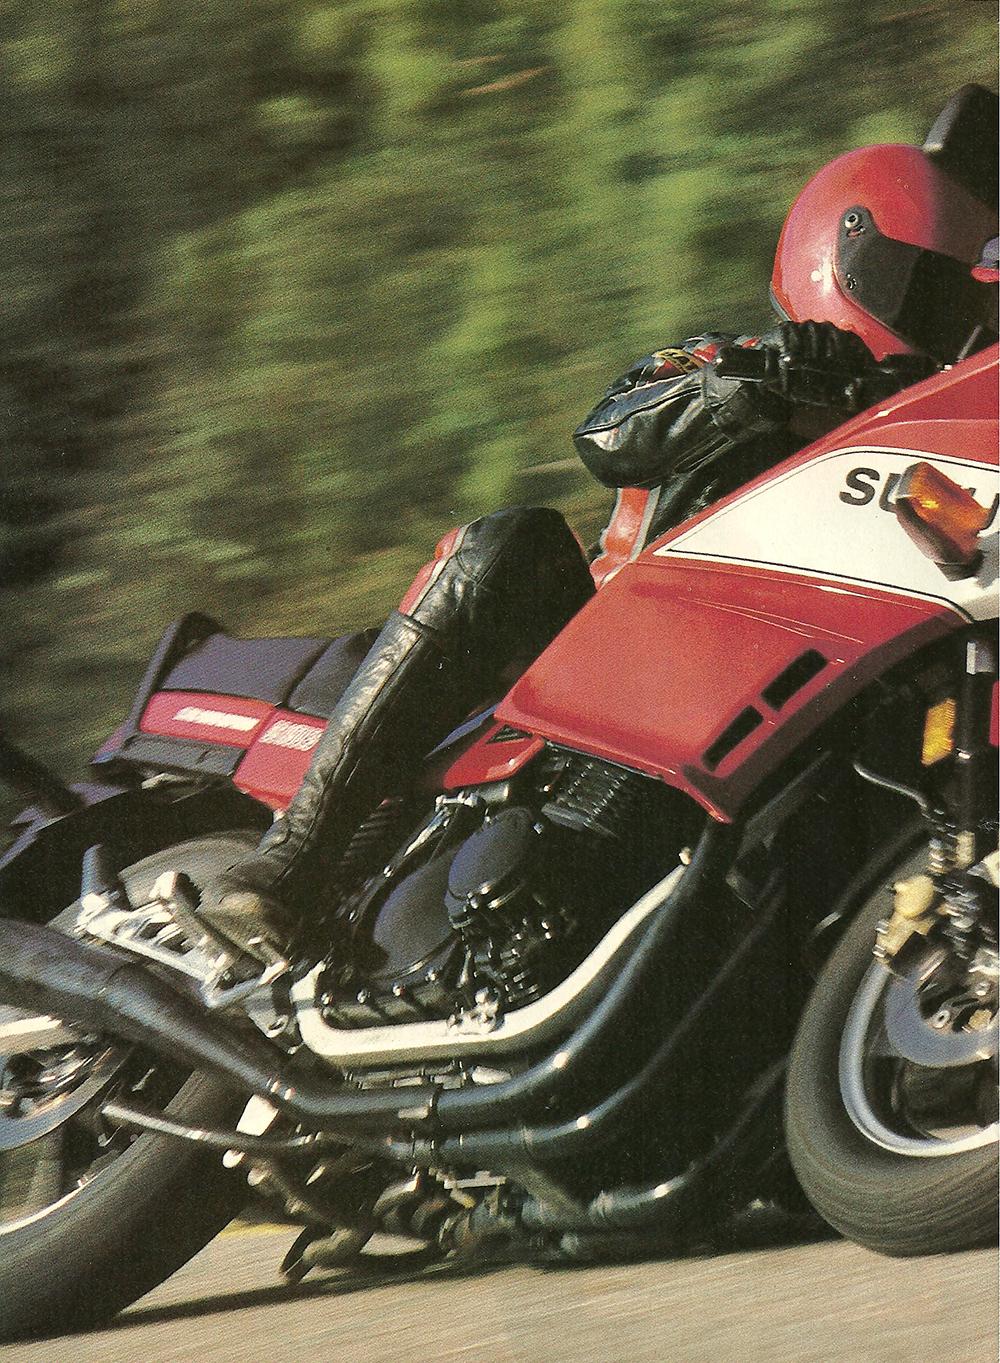 1984 Suzuki GS1150ESE road test 1.jpg